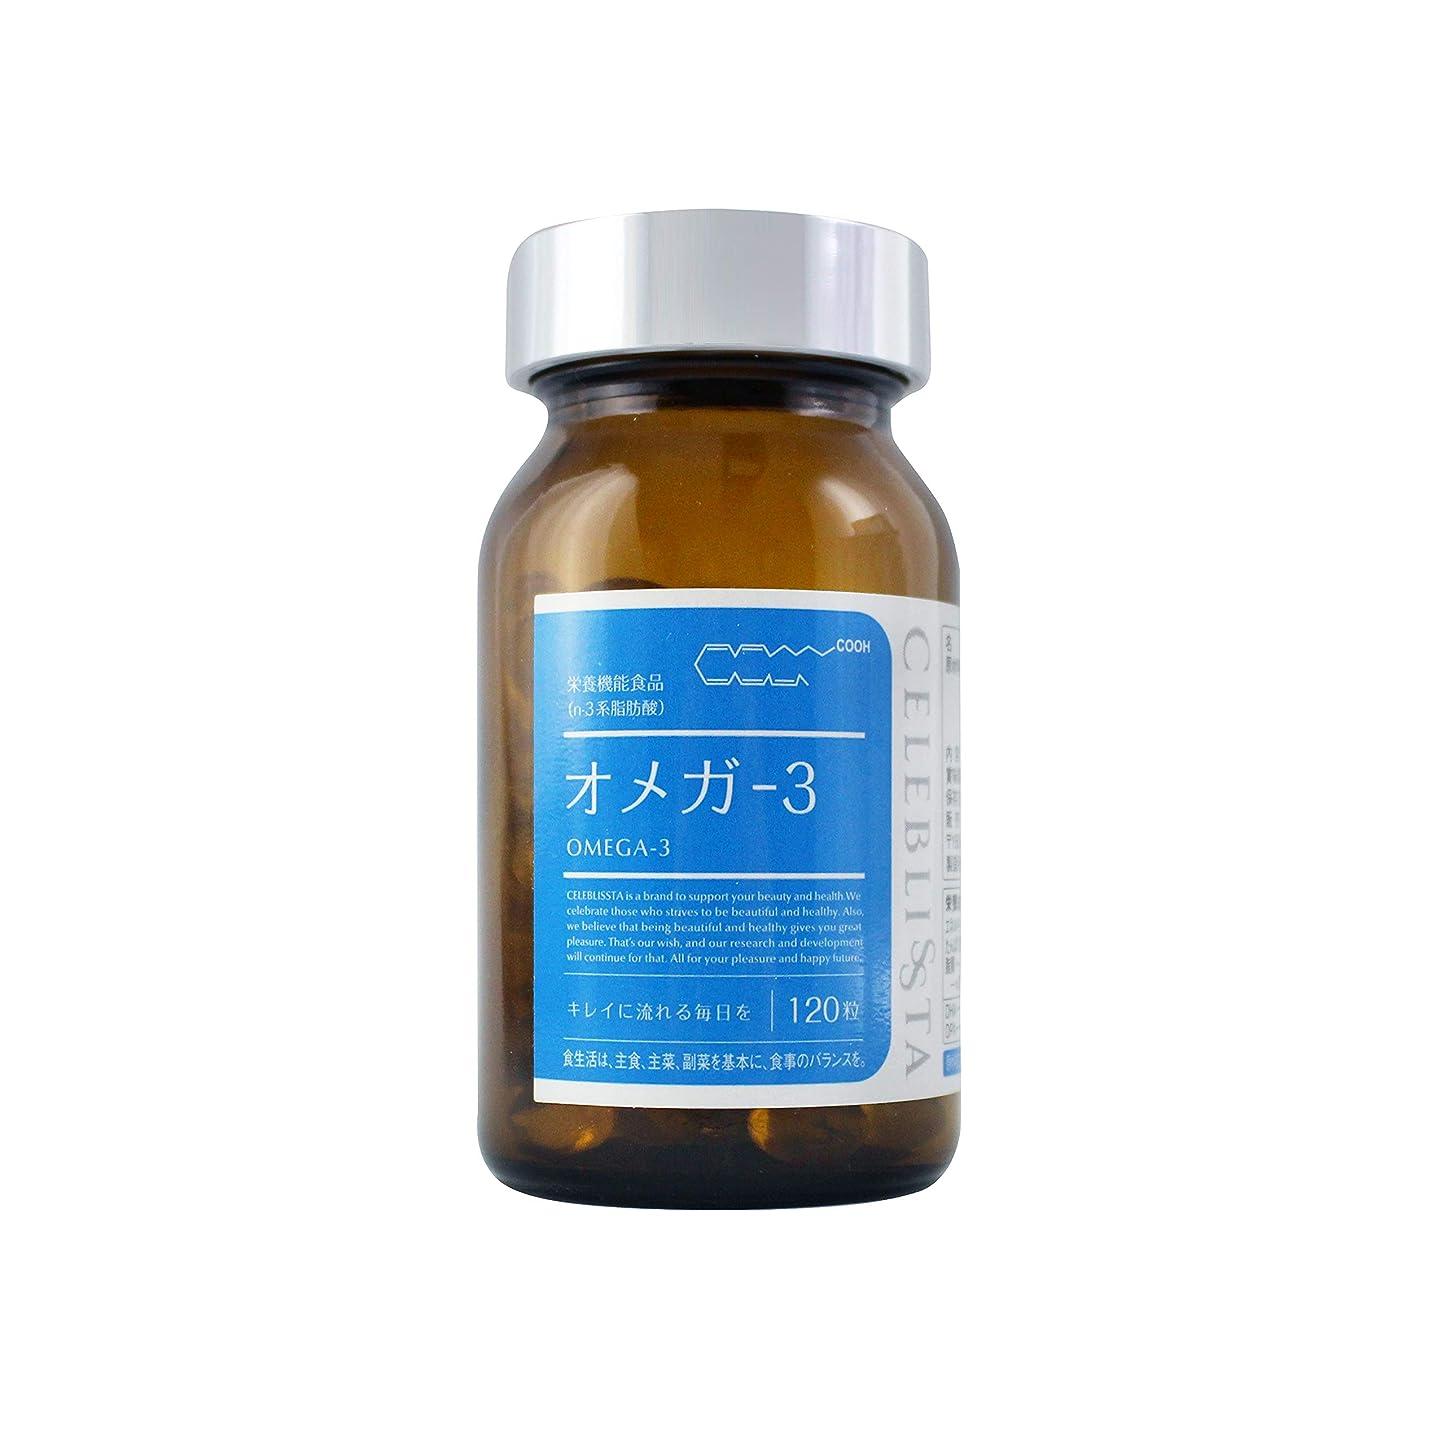 許す好色な分解するCELEBLISSTA ( セレブリスタ ) オメガ-3 ( 基礎サプリ フィッシュオイル / 30日分 120粒 ) DPA DHA EPA サプリメント ( 日本製 )